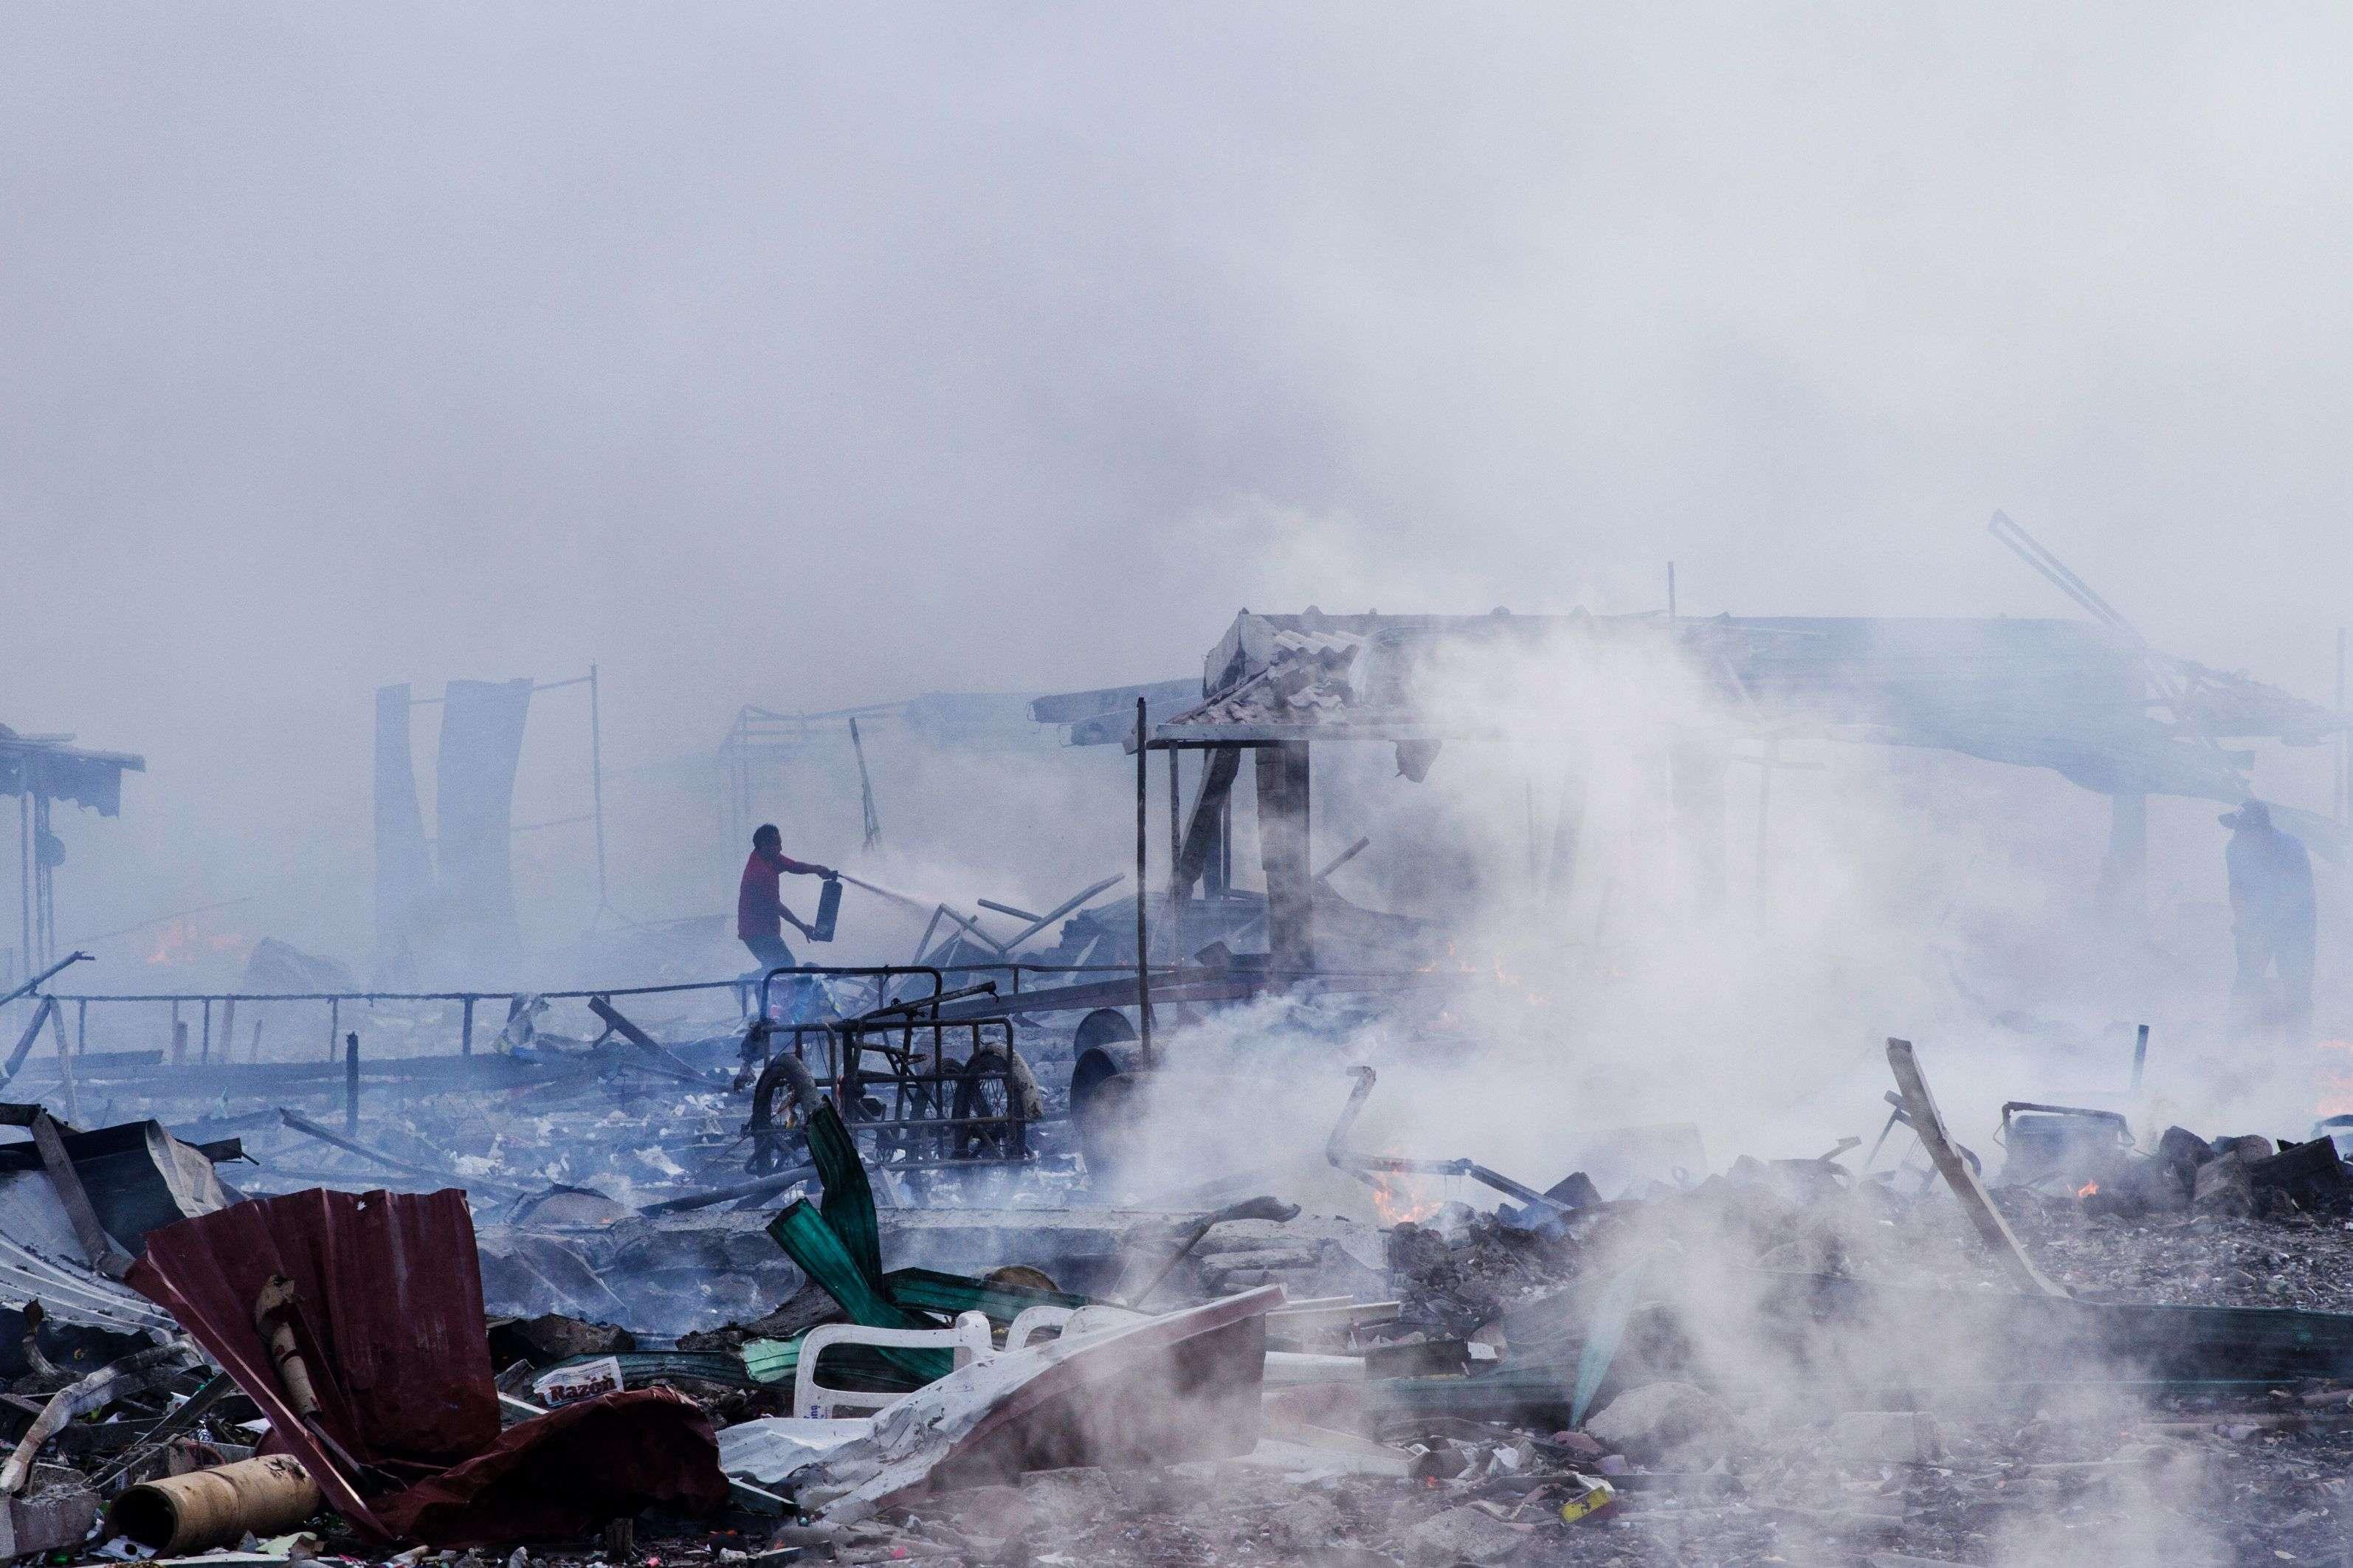 Une explosion sur le plus grand marché de feux d'artifice duMexiquea fait au moins 31morts et 72blessés, mardi20décembre à Tultepec, près de Mexico.